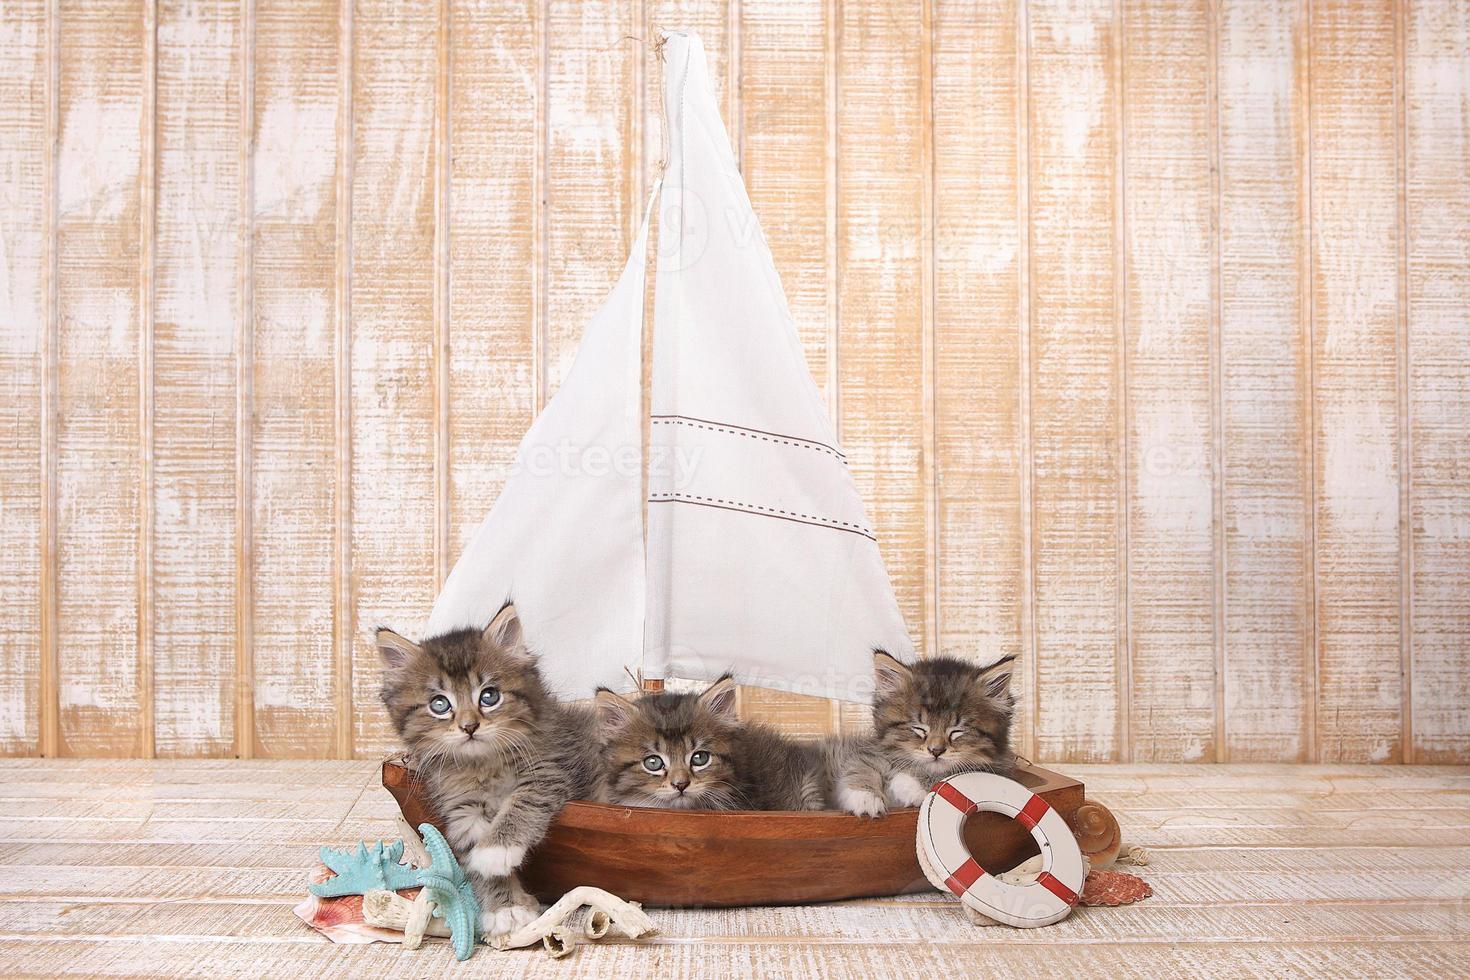 adorables chatons dans un voilier sur le thème de l'océan photo